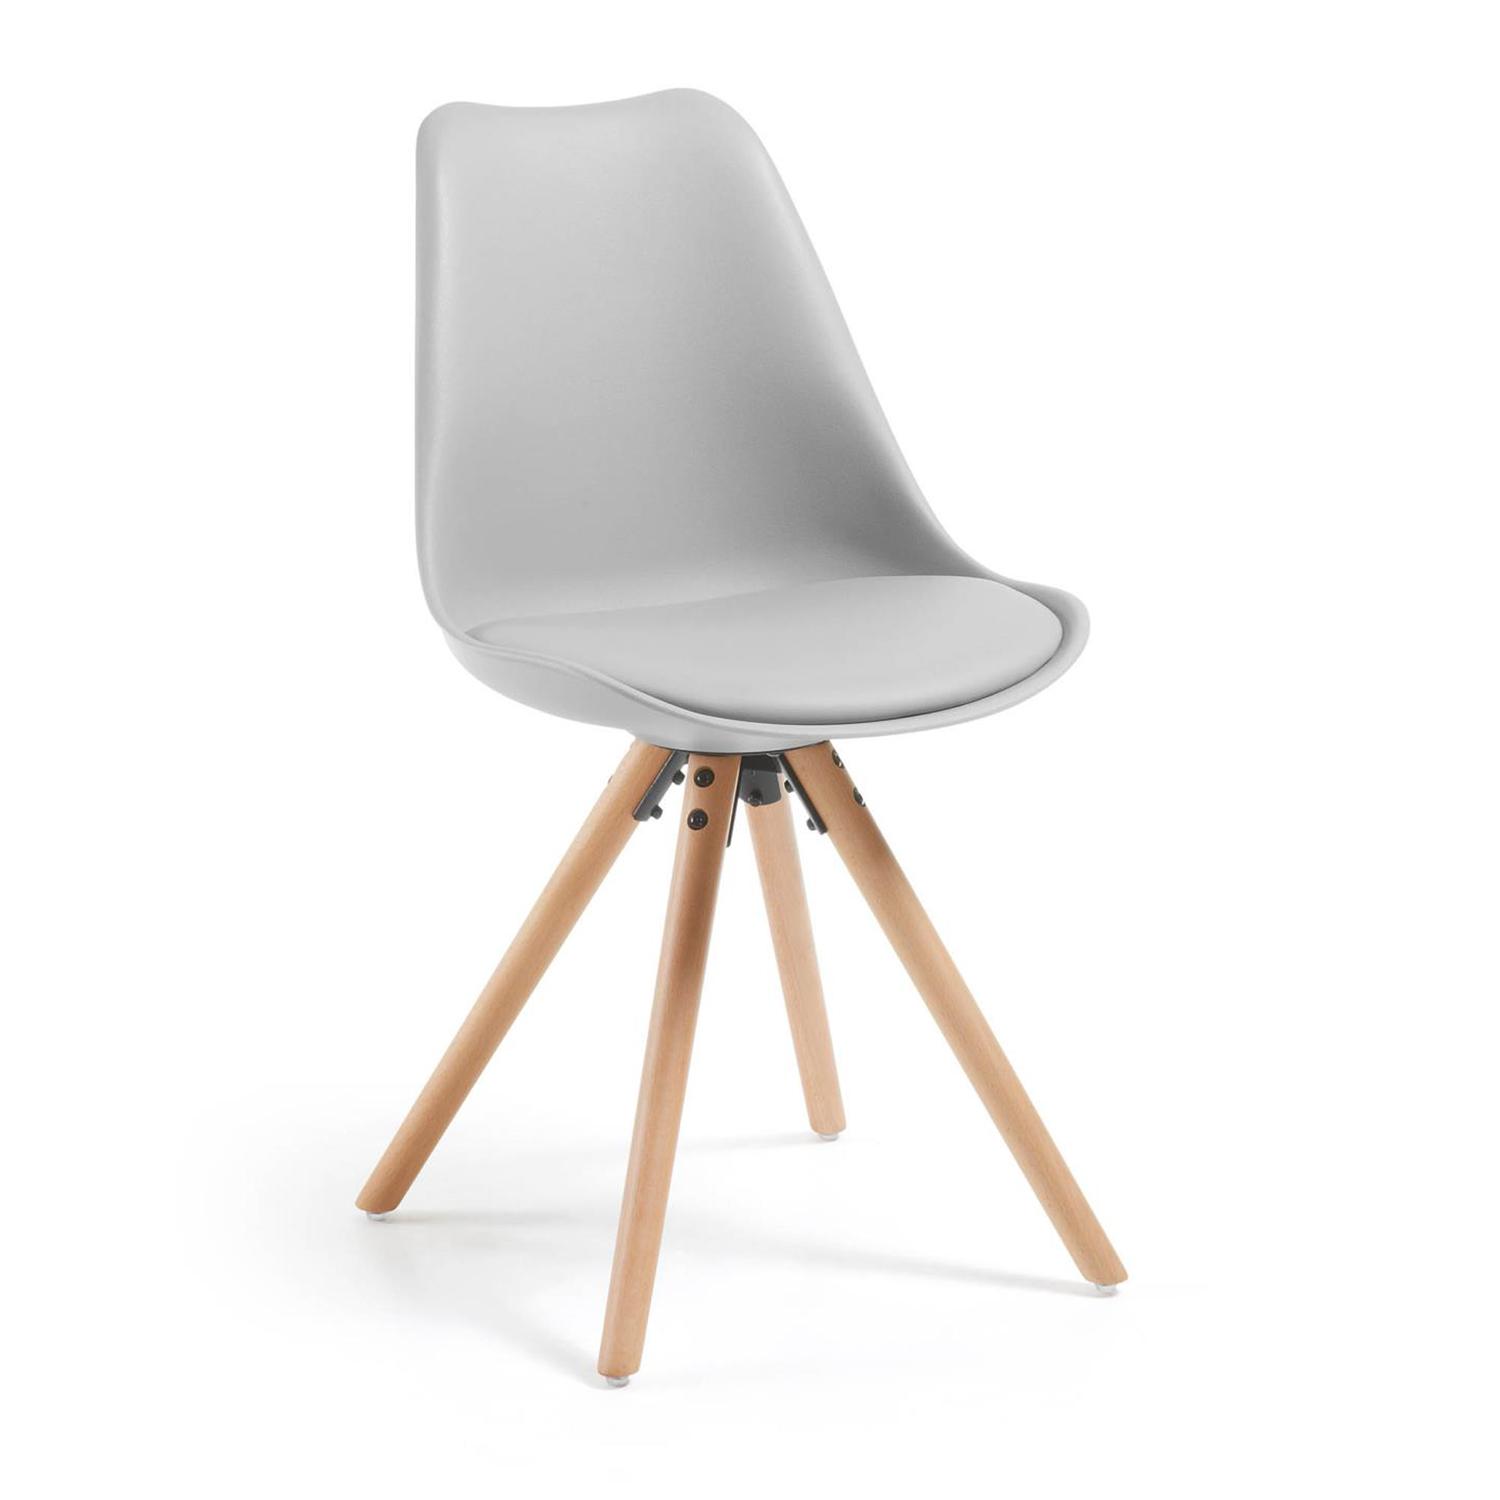 LAFORMA Lars spisebordsstol - lysegrå kunstlæder og plastik, natur bøgetræ